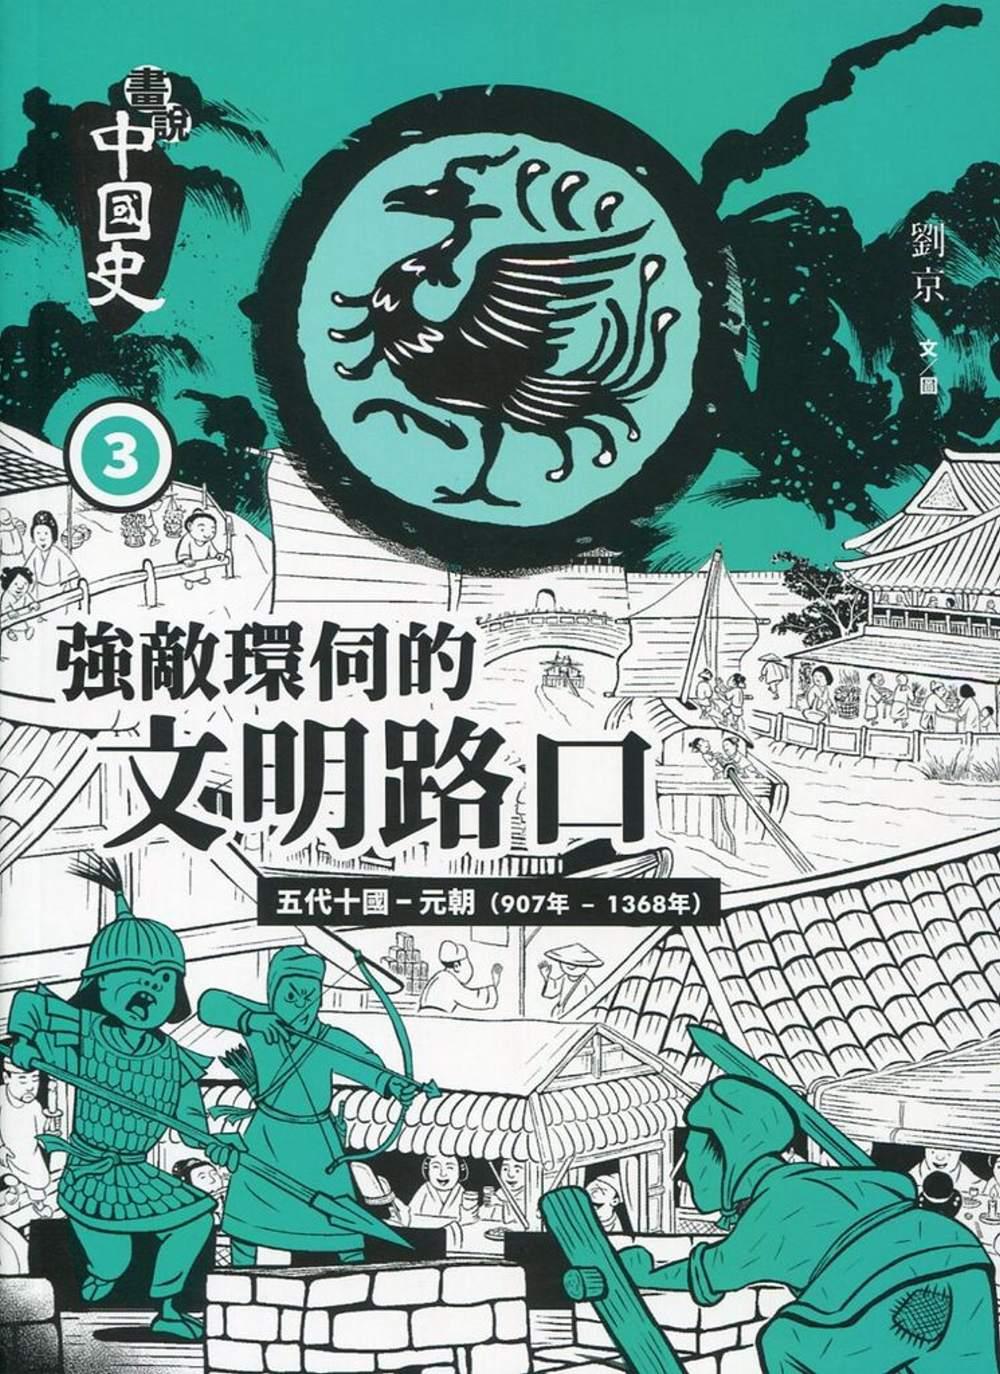 《畫說中國史 3:強敵環伺的文明路口》 商品條碼,ISBN:9789888489039